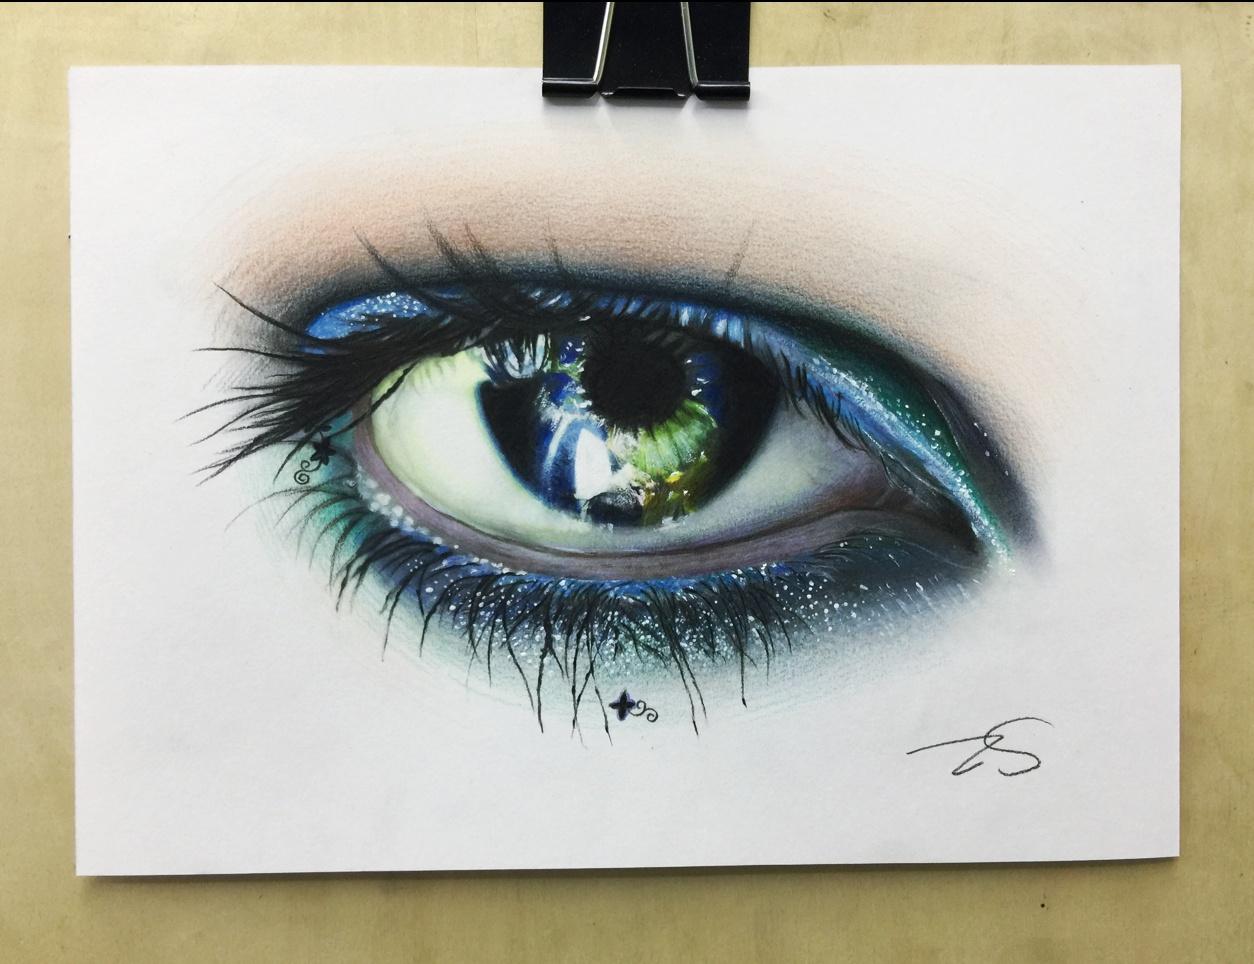 彩铅手绘大眼睛|纯艺术|彩铅|zszszswt - 原创作品